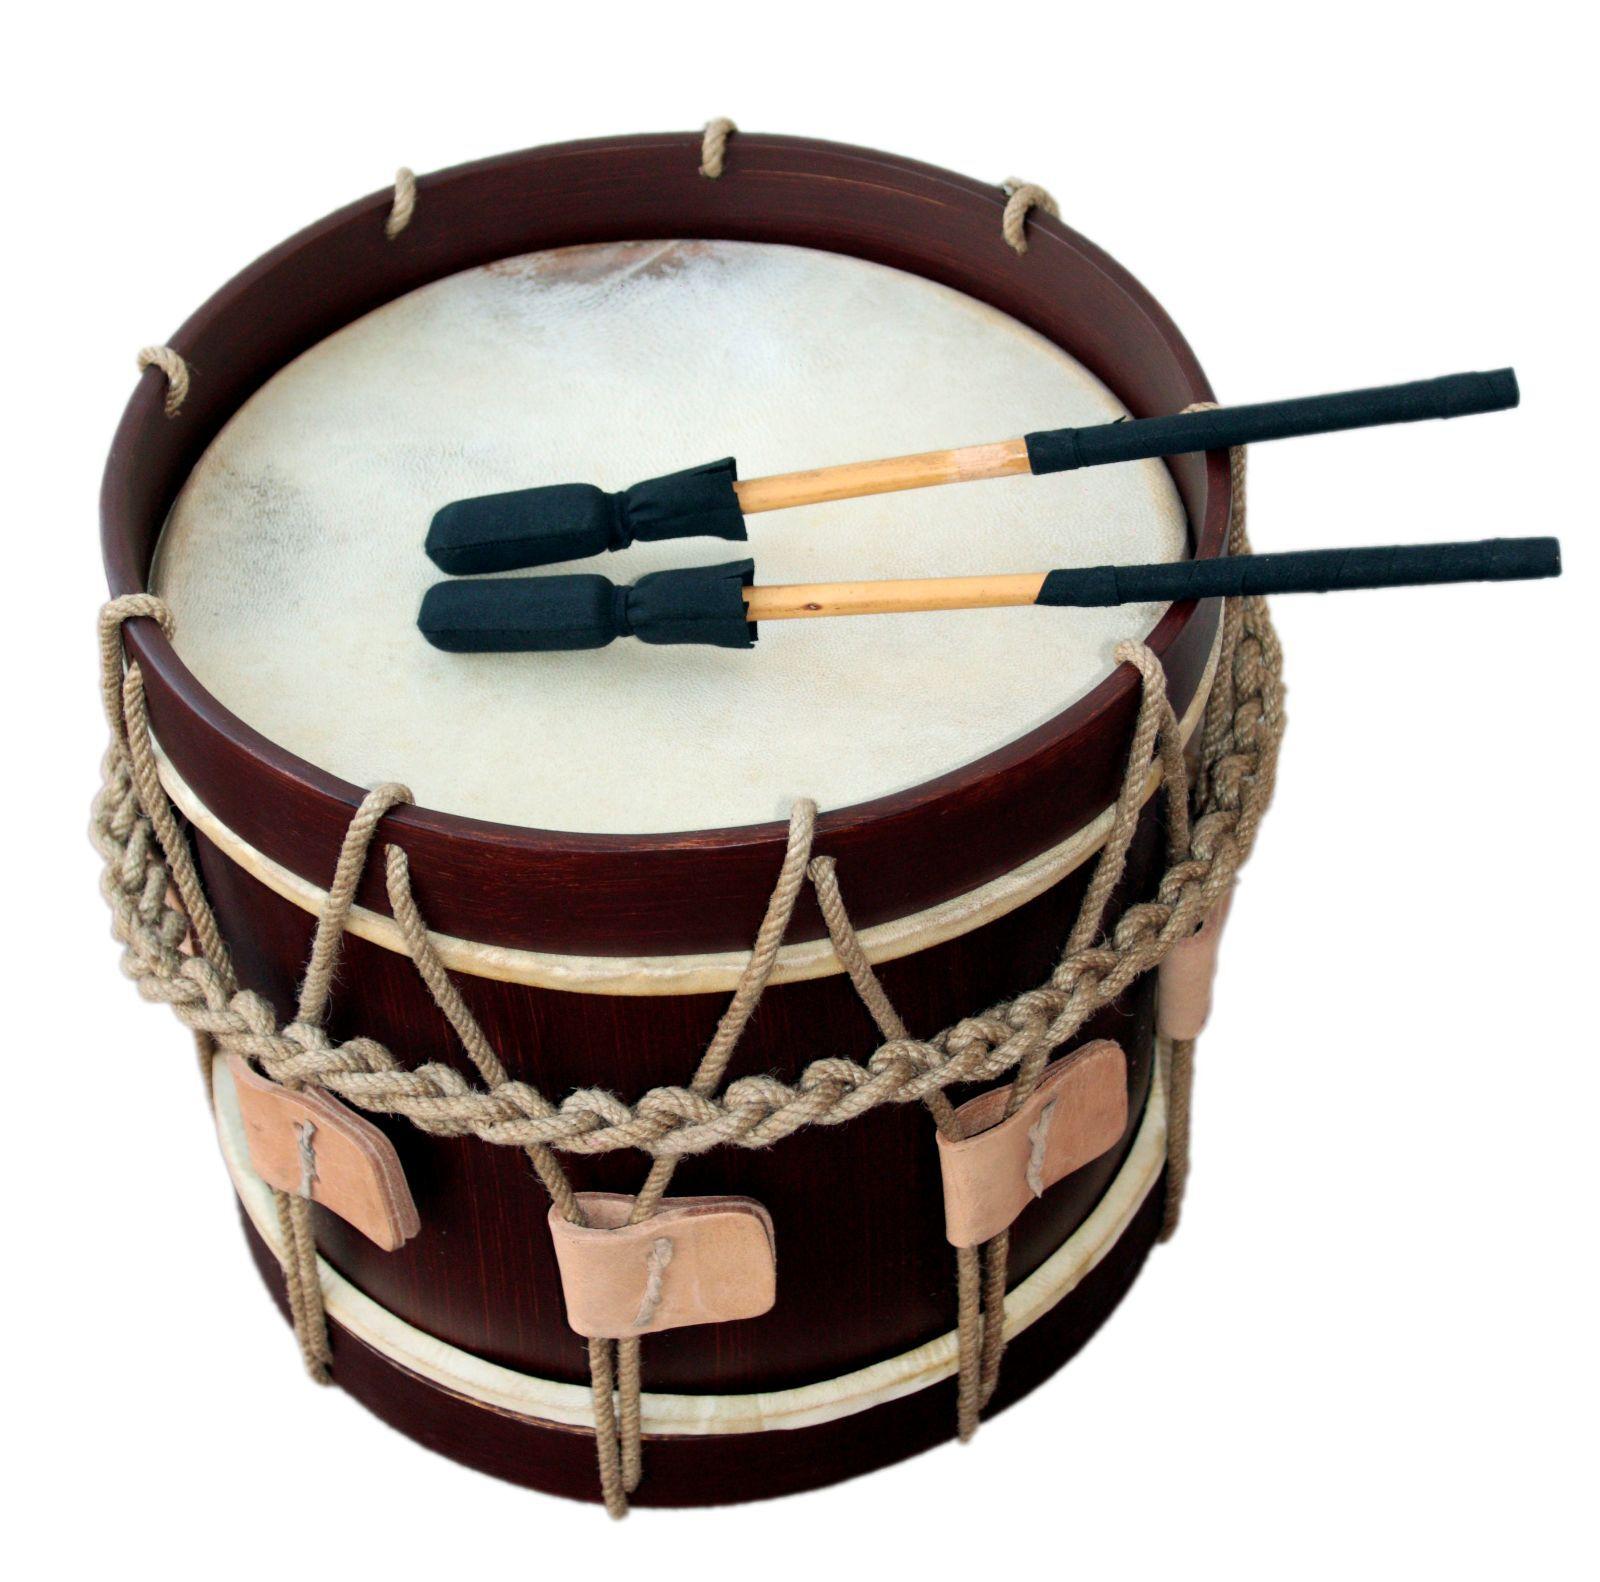 Landsknechtstrommel   Renaissance Drum, 13,5  x 13,5 , Dark braun